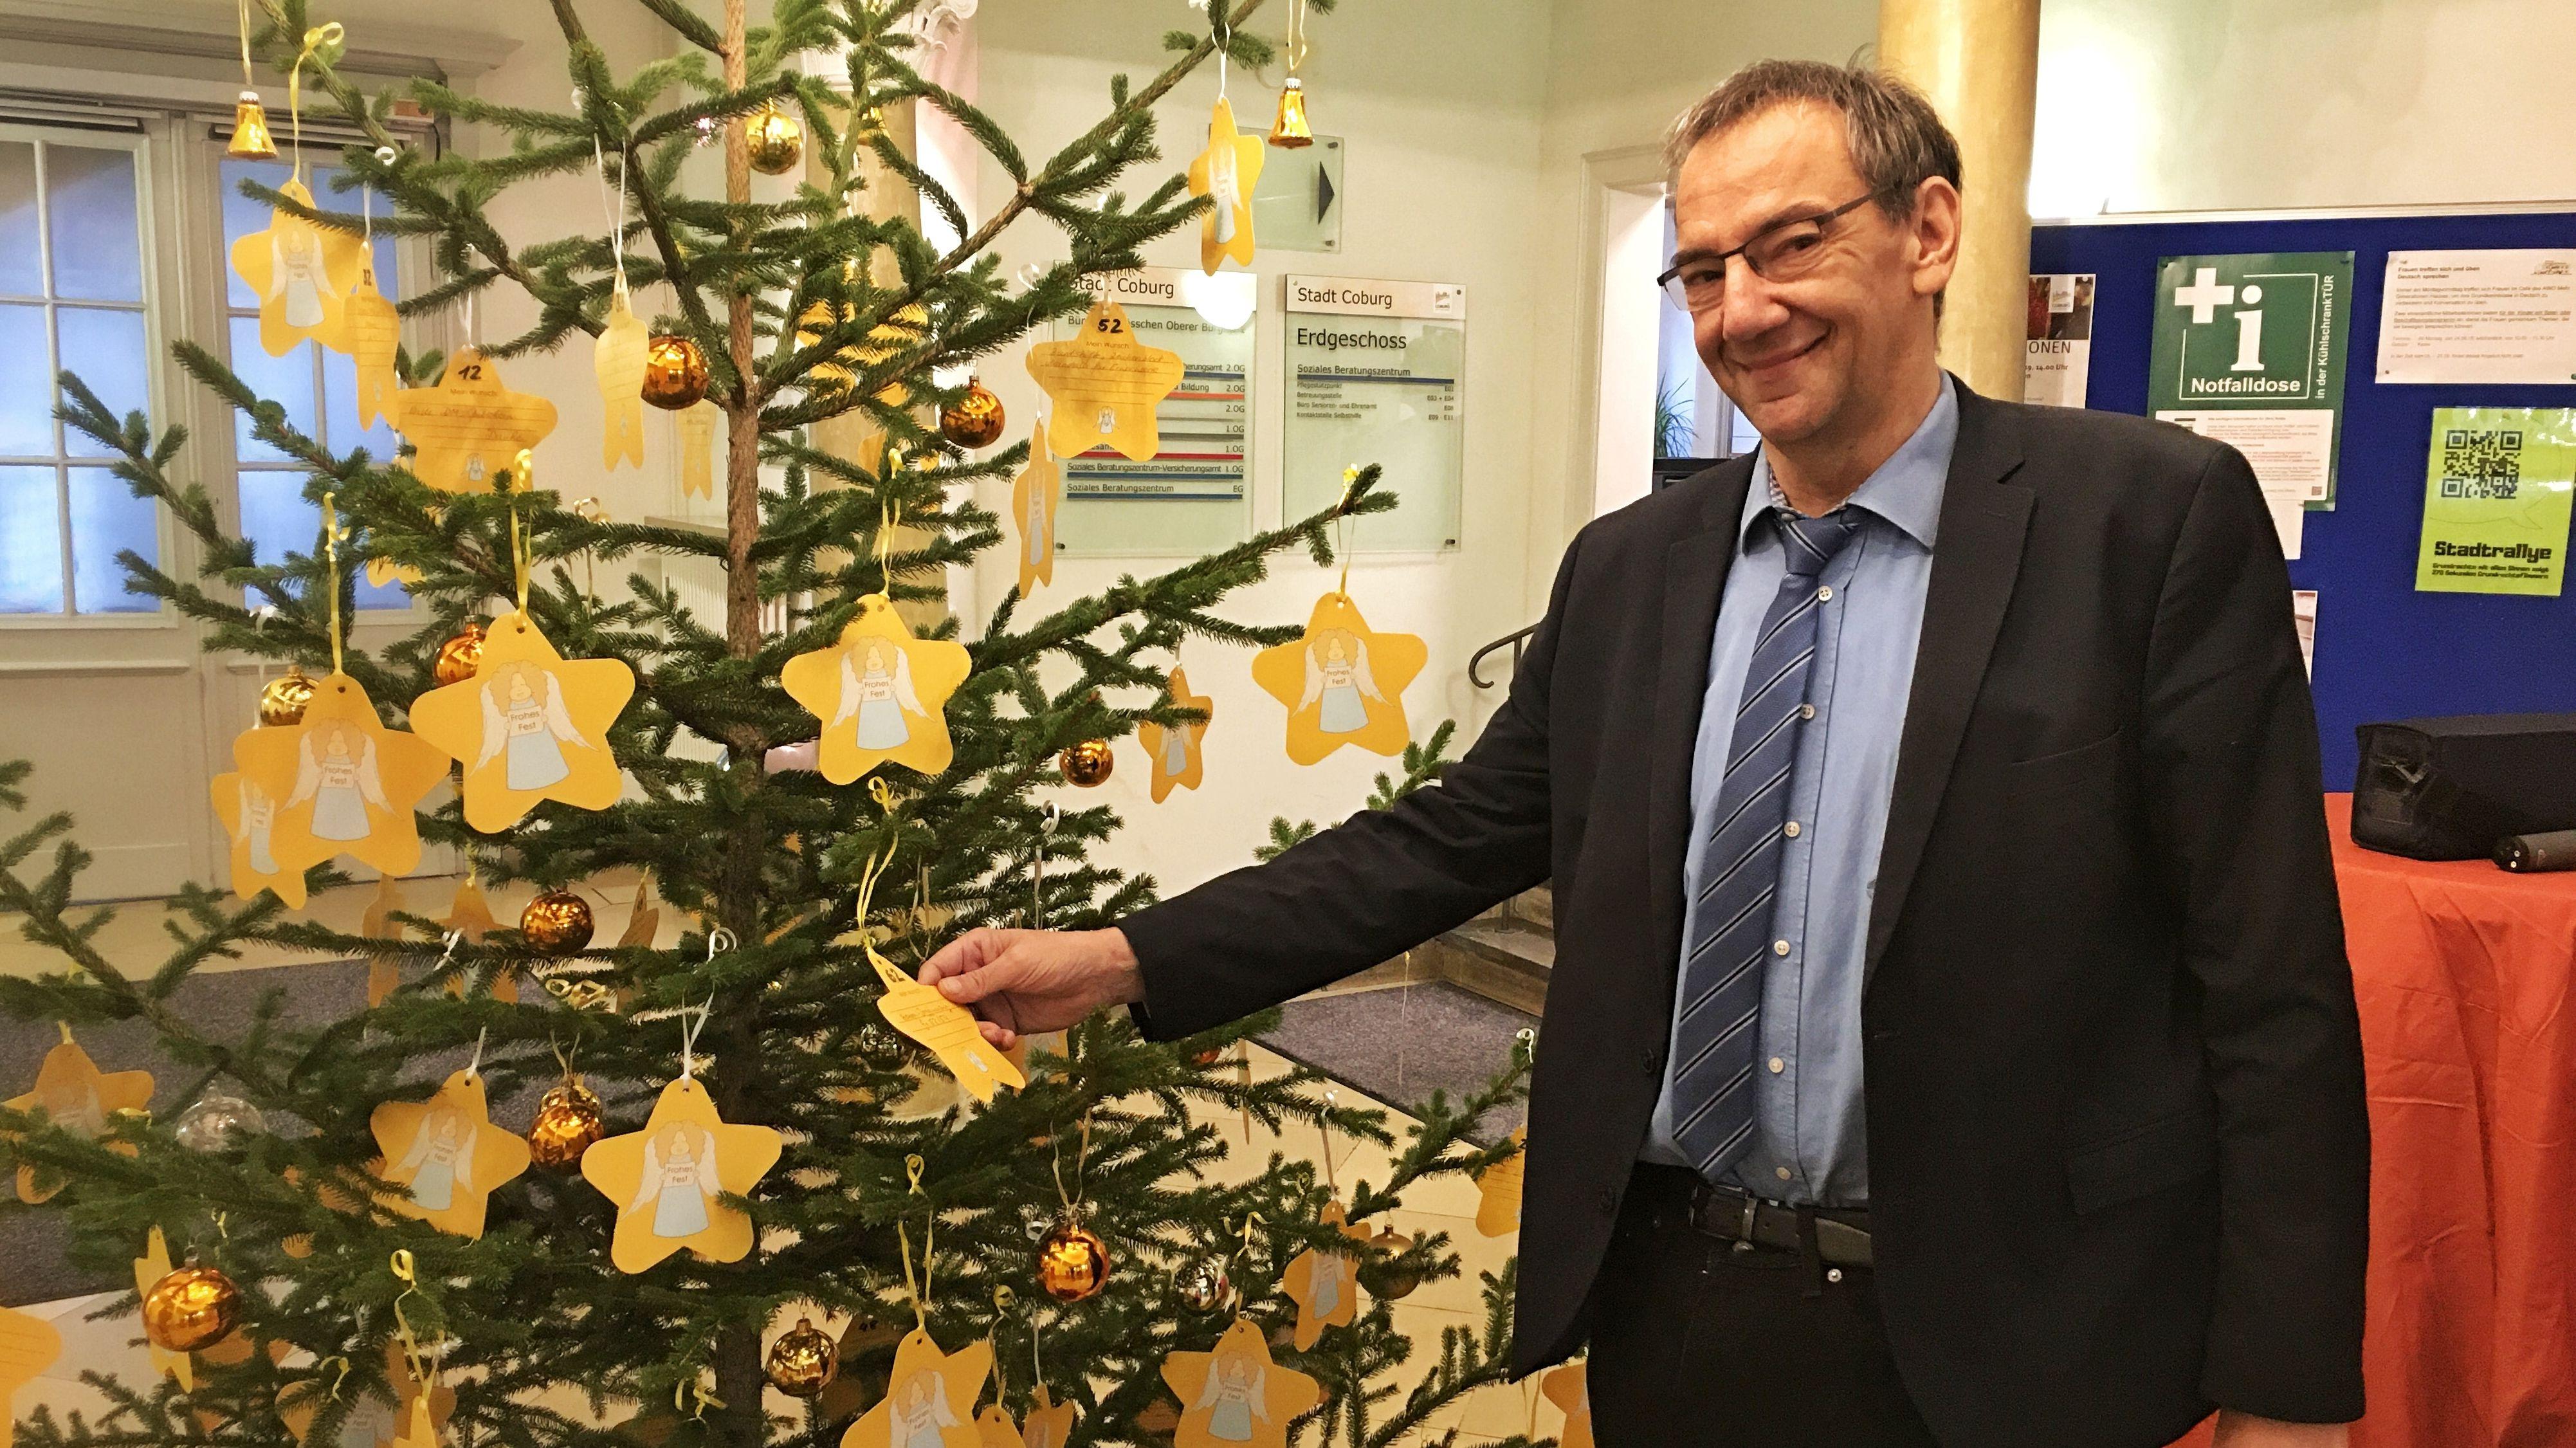 Ein Weihnachtsbaum mit gelben Karten, auf denen Senioren ihre Wünsche schreiben können, daneben der Leiter des Sozialreferats der Stadt Coburg, Thomas Nowak.